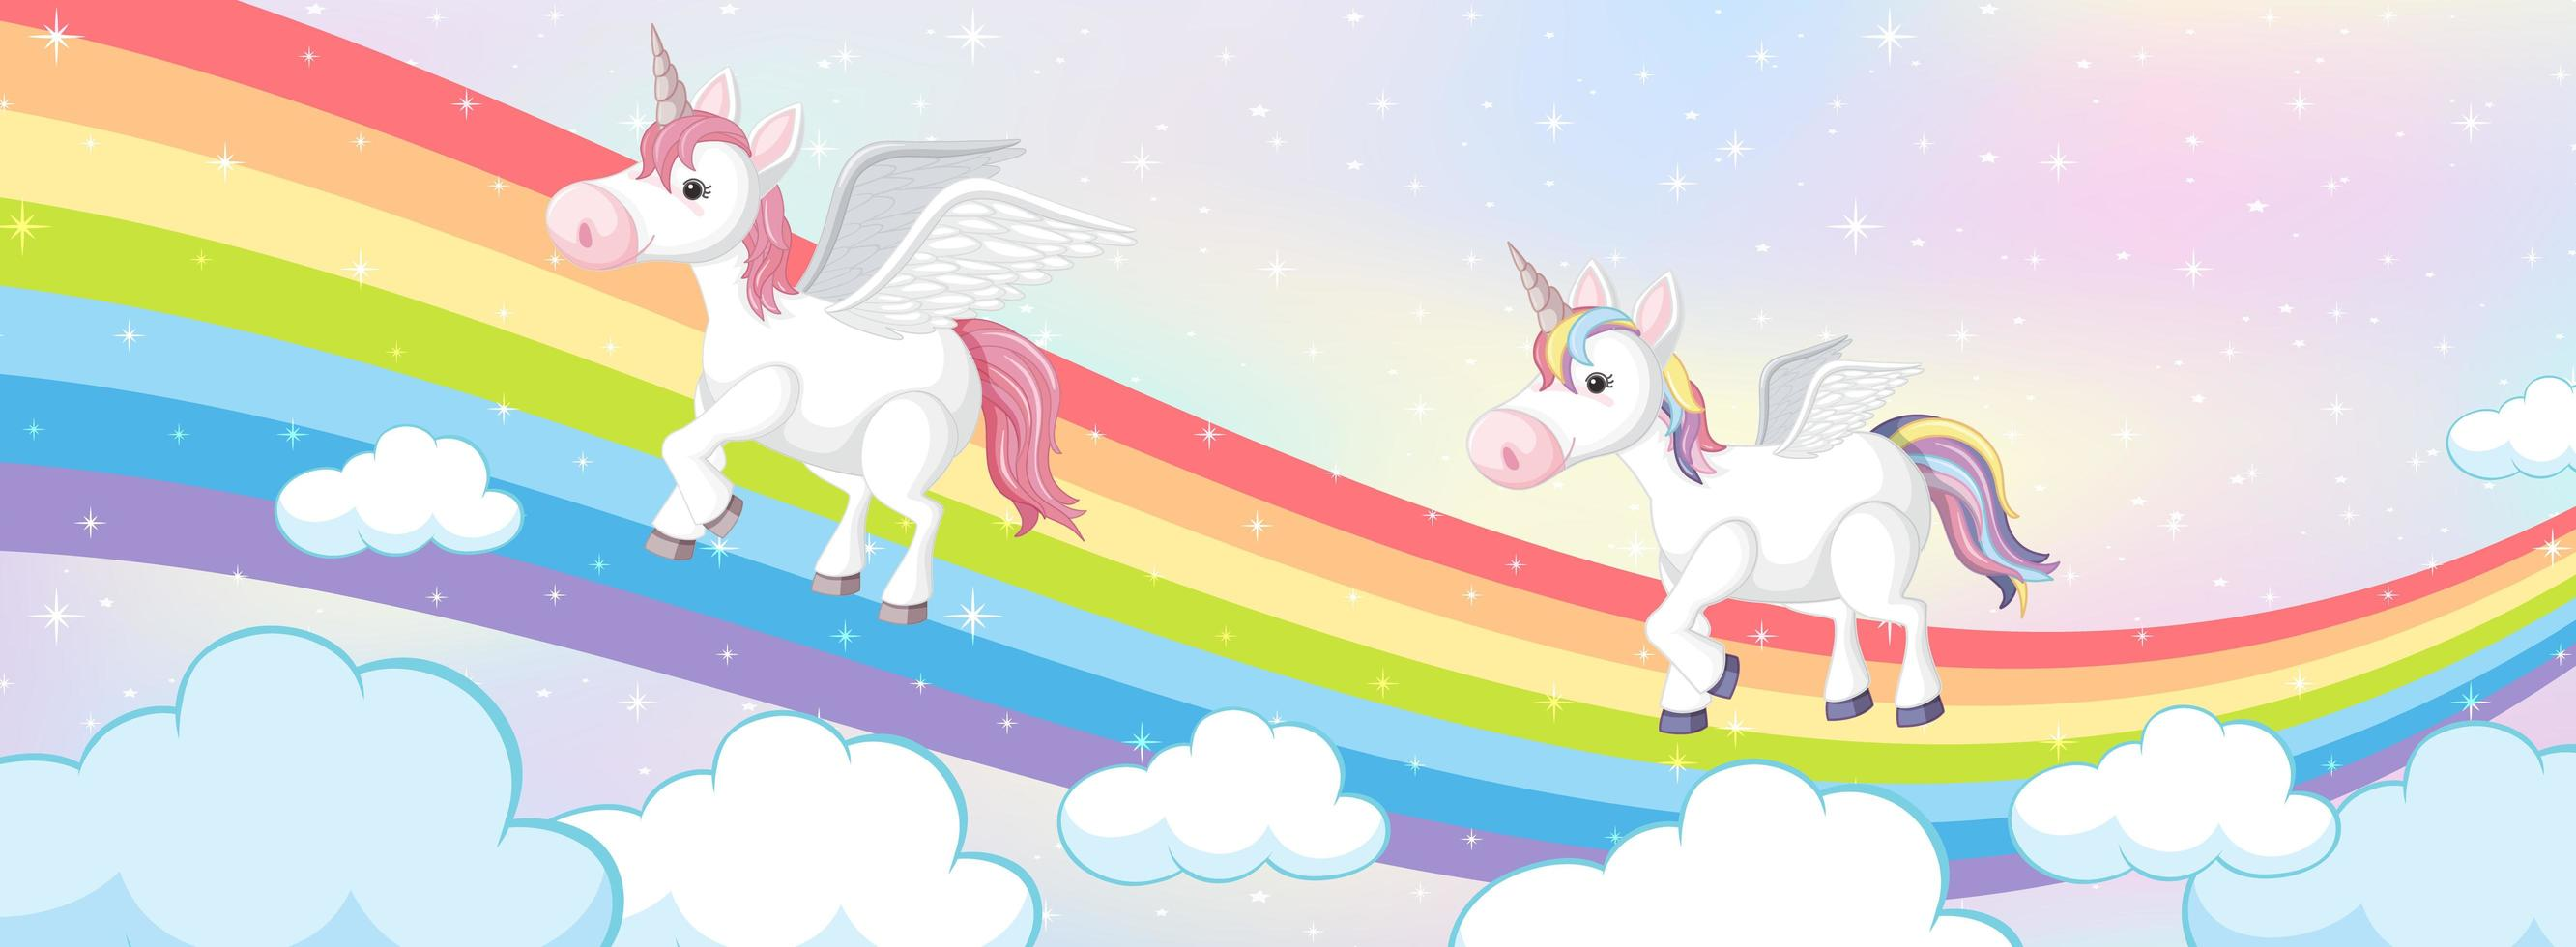 eenhoorns op magische regenboog pastel achtergrond vector